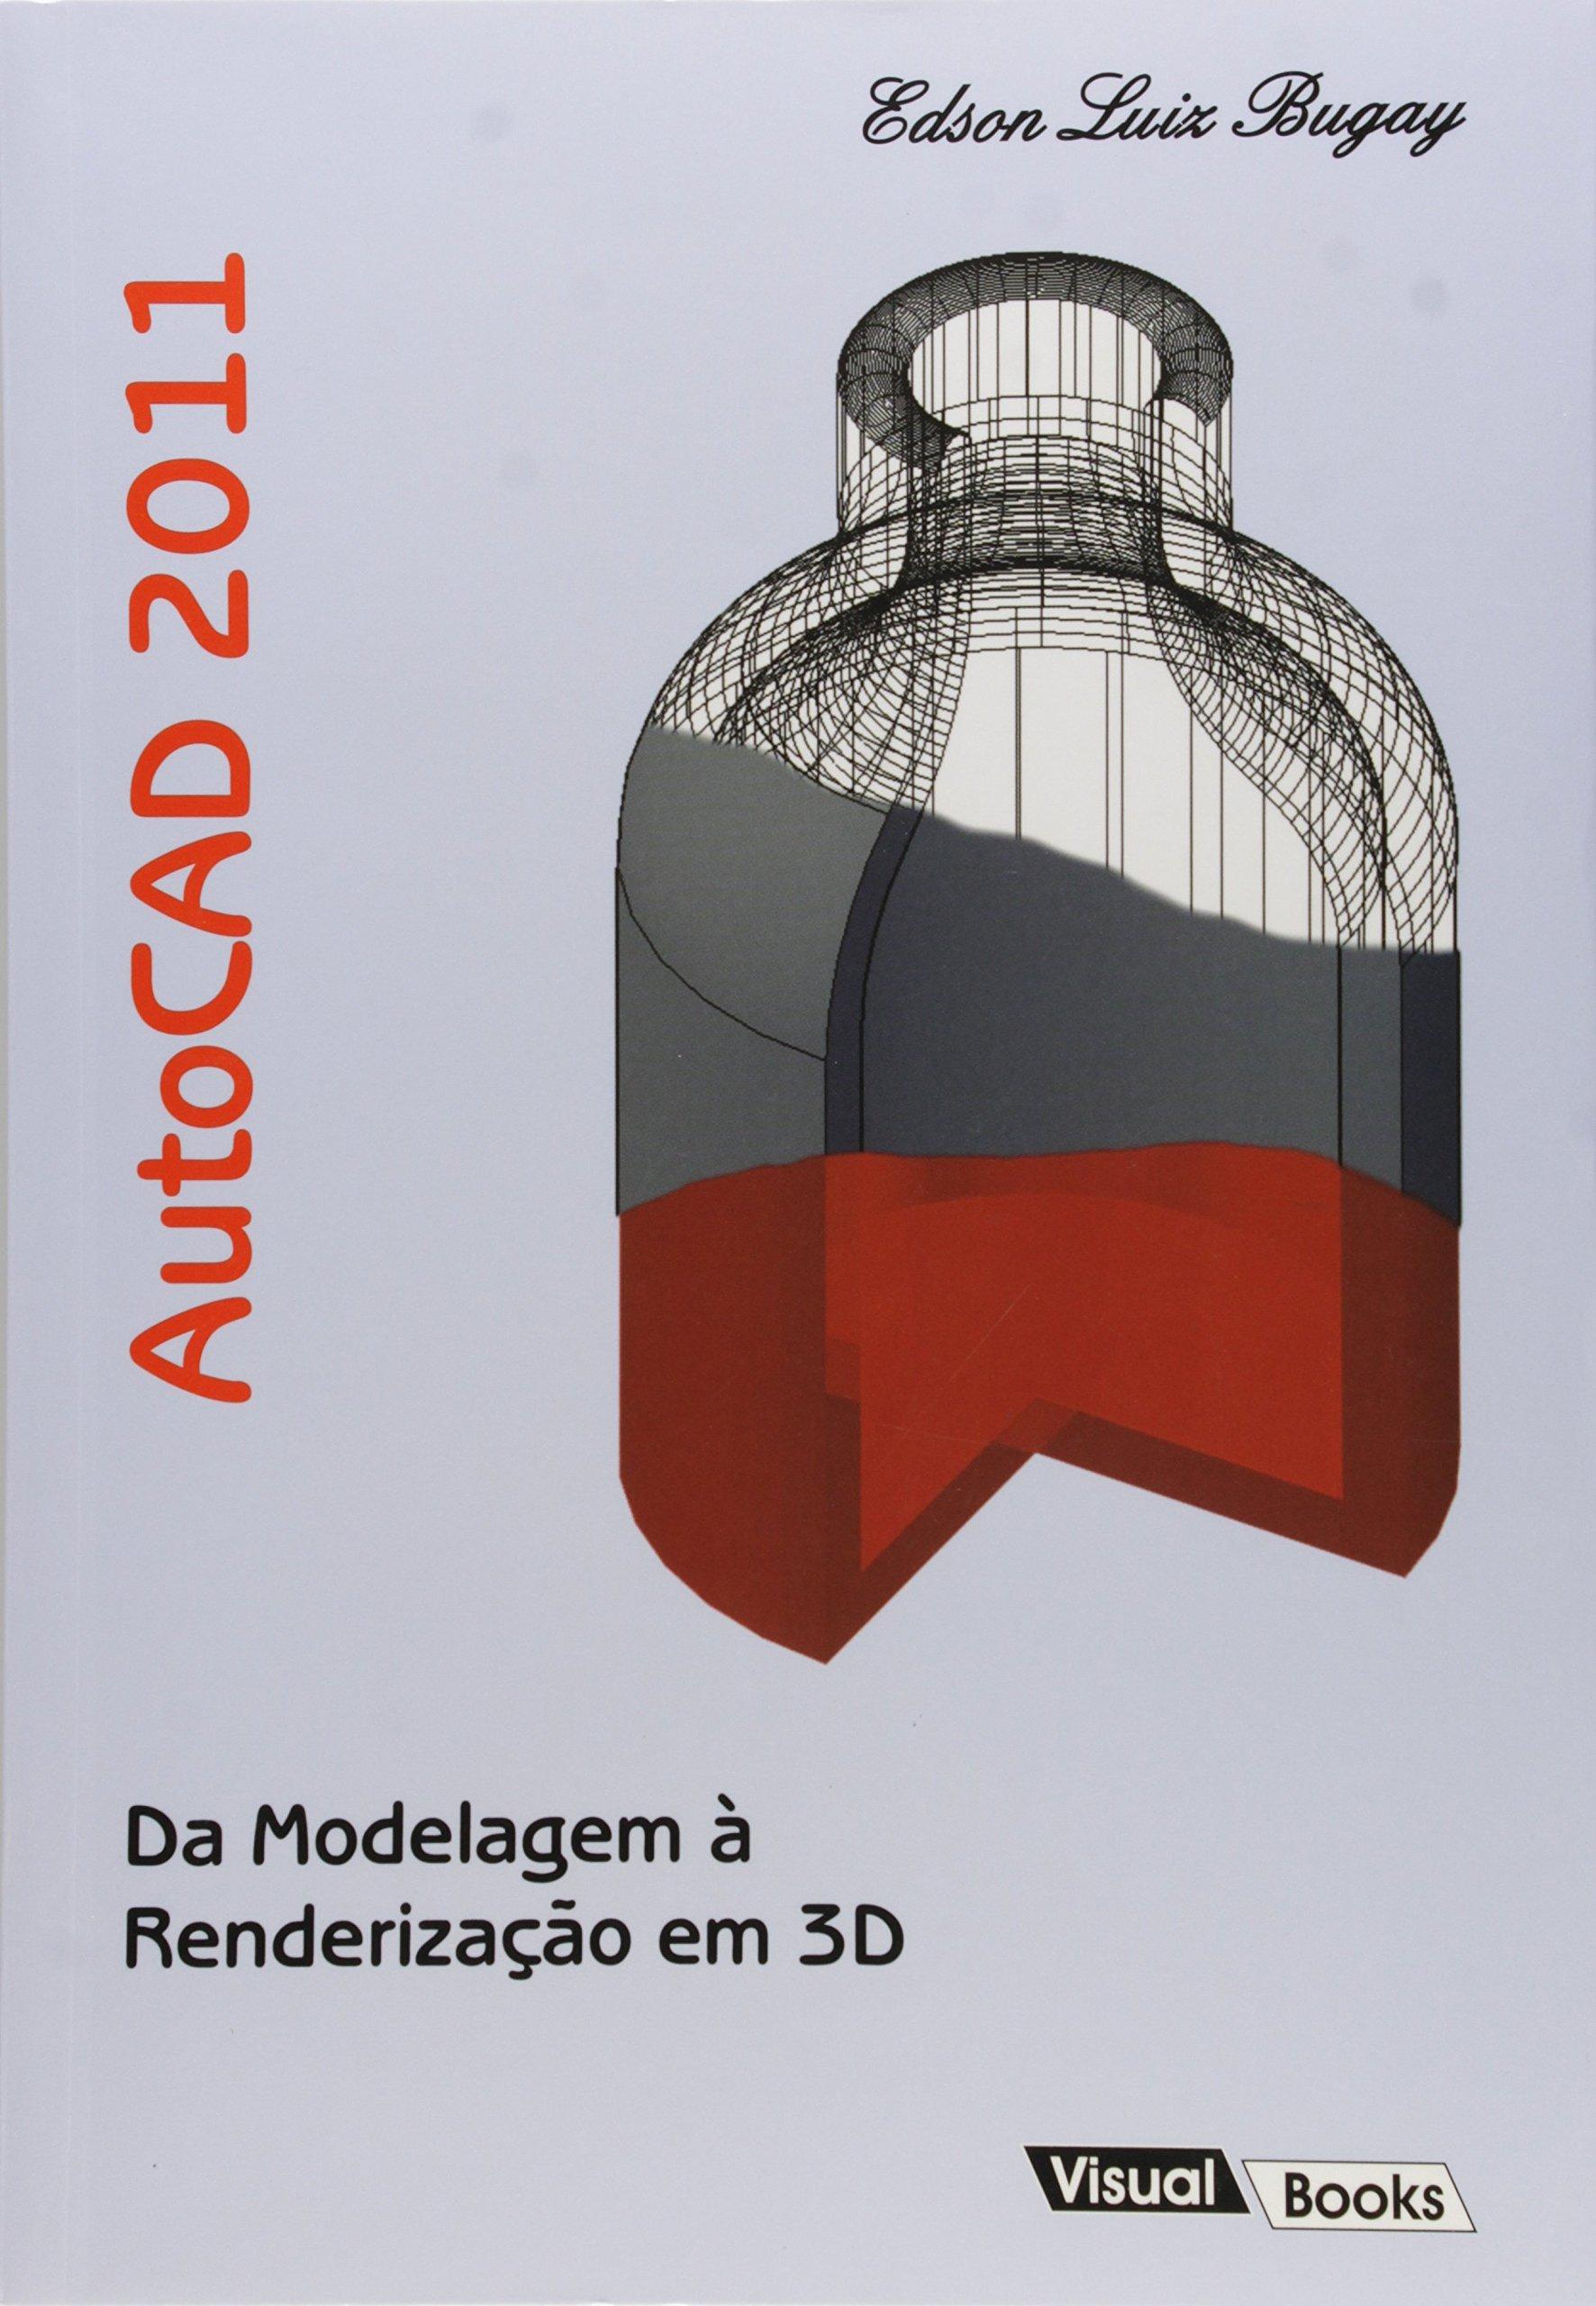 Autocad 2011 da Modelagem a Renderizacao em 3D PDF